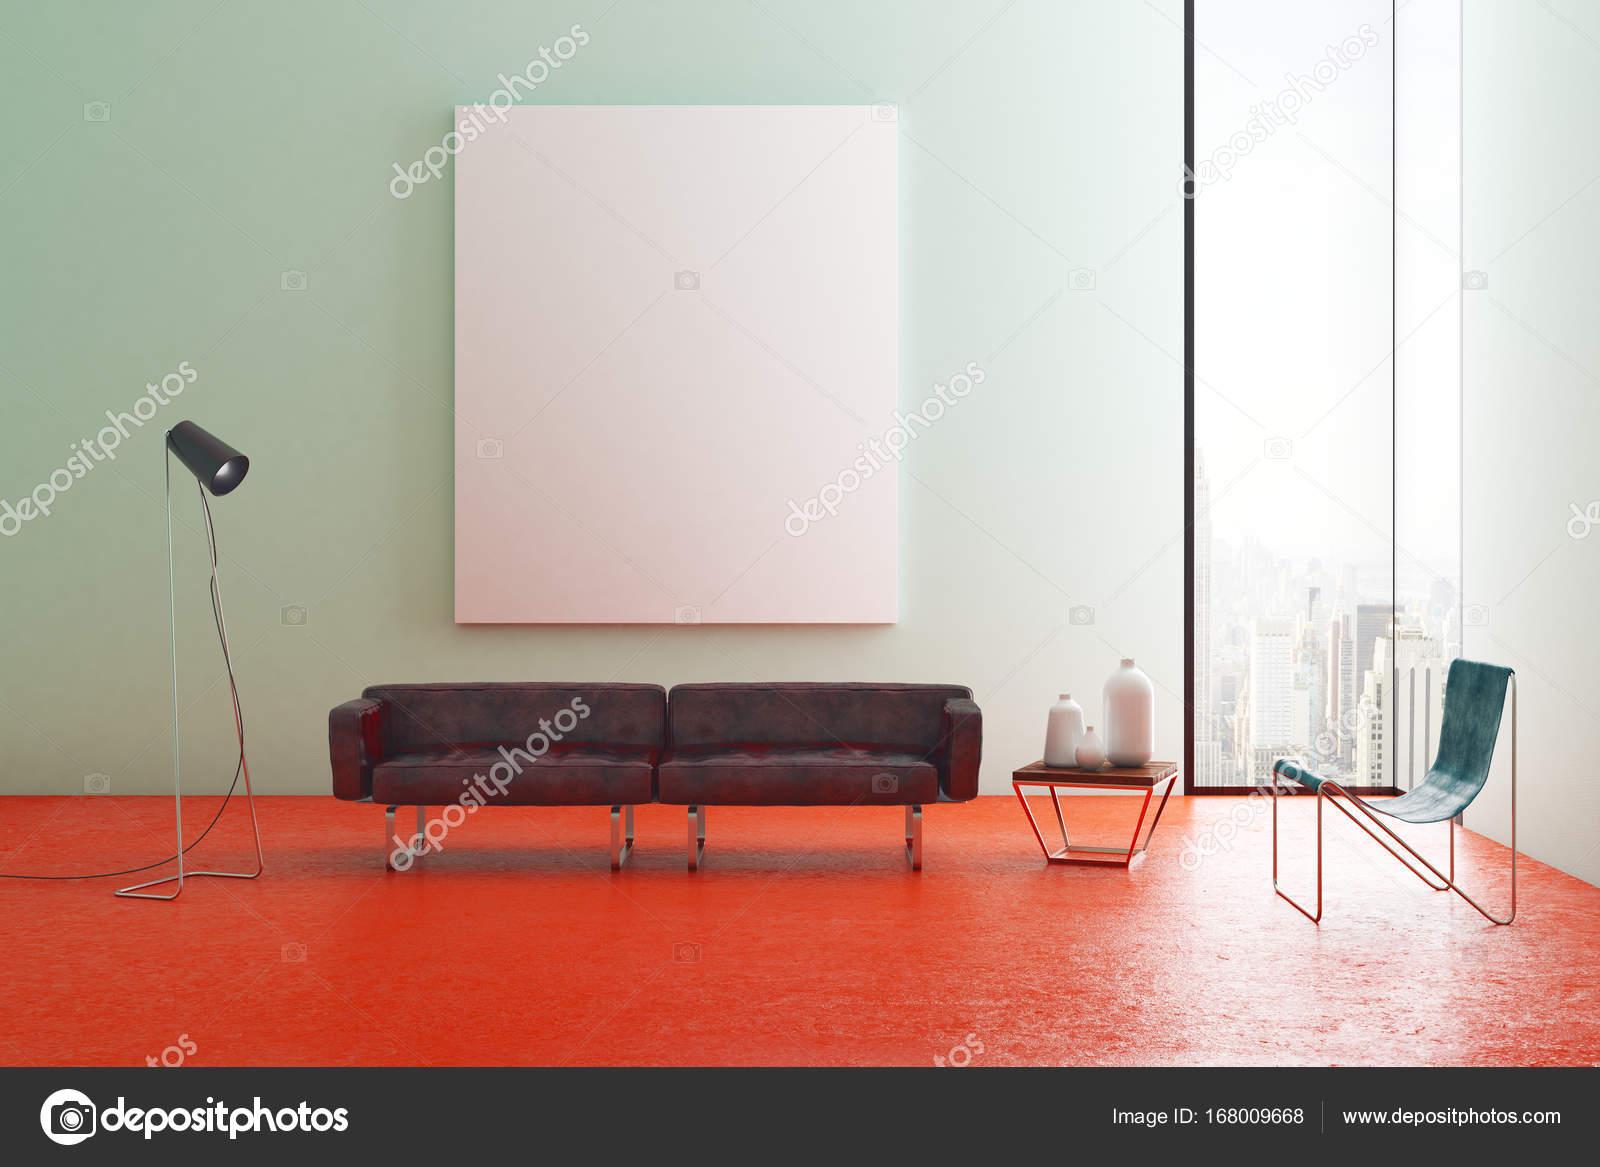 Zeitgenössische Wohnzimmer mit banner — Stockfoto © peshkova #168009668